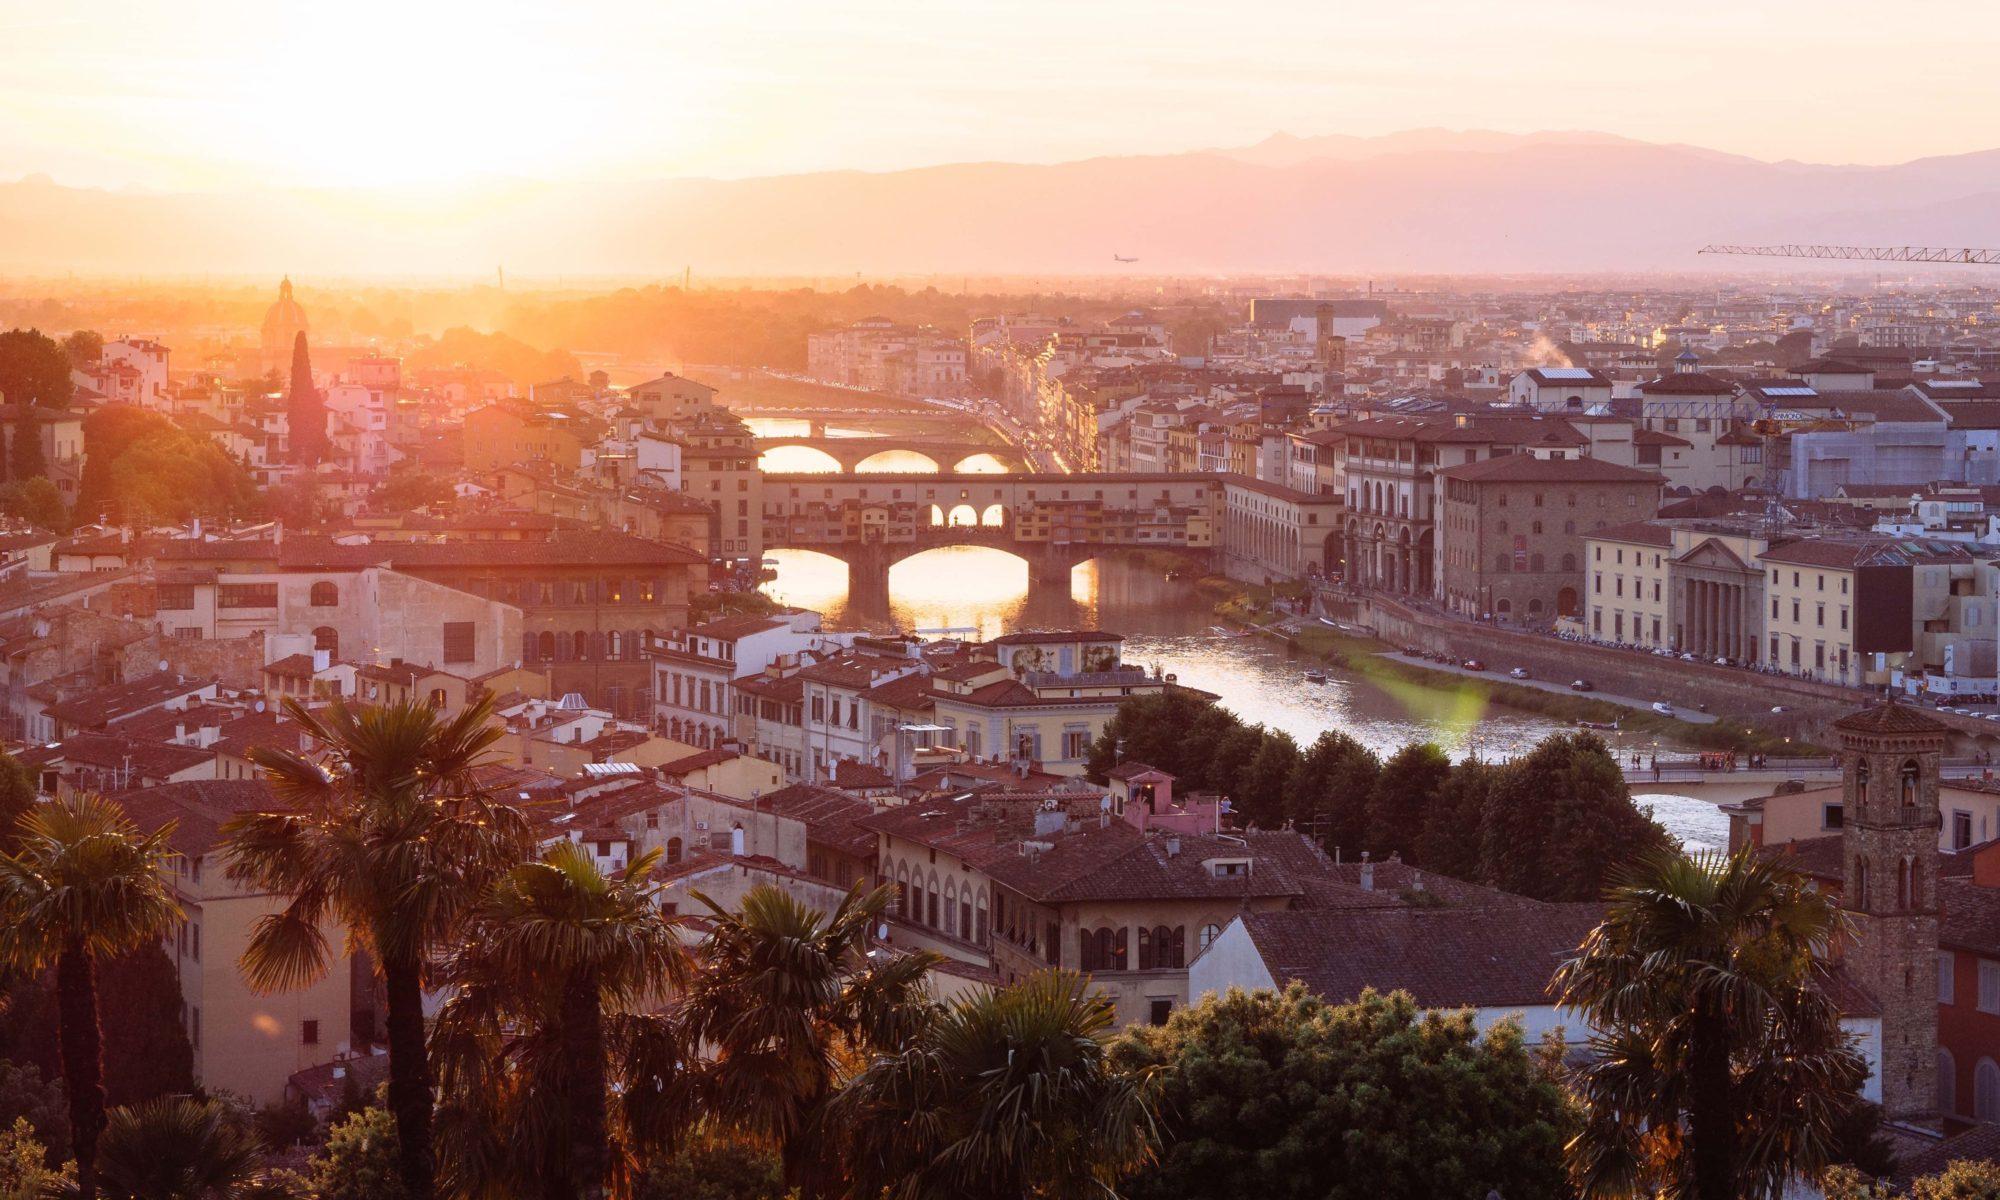 Centro Congressi al Duomo - Firenze